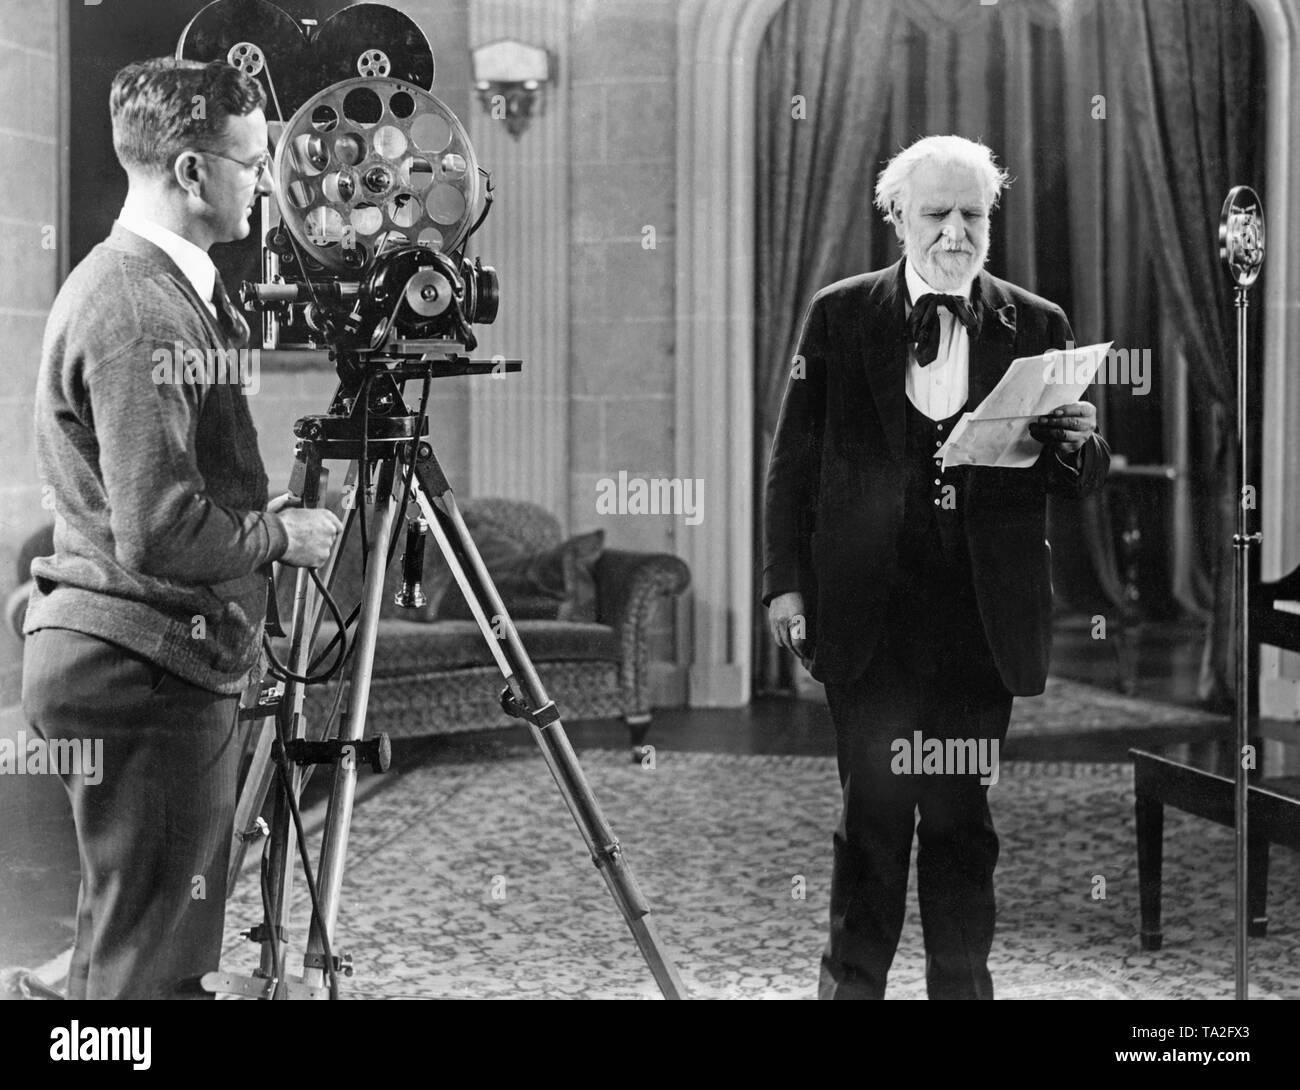 """Le poète Edwin Markham est filmé dans les studios de Dr Forest en récitant ses poèmes """"L'homme à la houe"""" et """"Lincoln"""". Ces poèmes ont été insérées dans un documentaire montré par le Smithsonian Institute. Présents étaient le Dr Lee et le Dr Forest, Chauncey Deprew, Dr Chas W. Elliot, Elihu Root, Président Coolidge et plus tard sénateur Robert La Follette. Banque D'Images"""